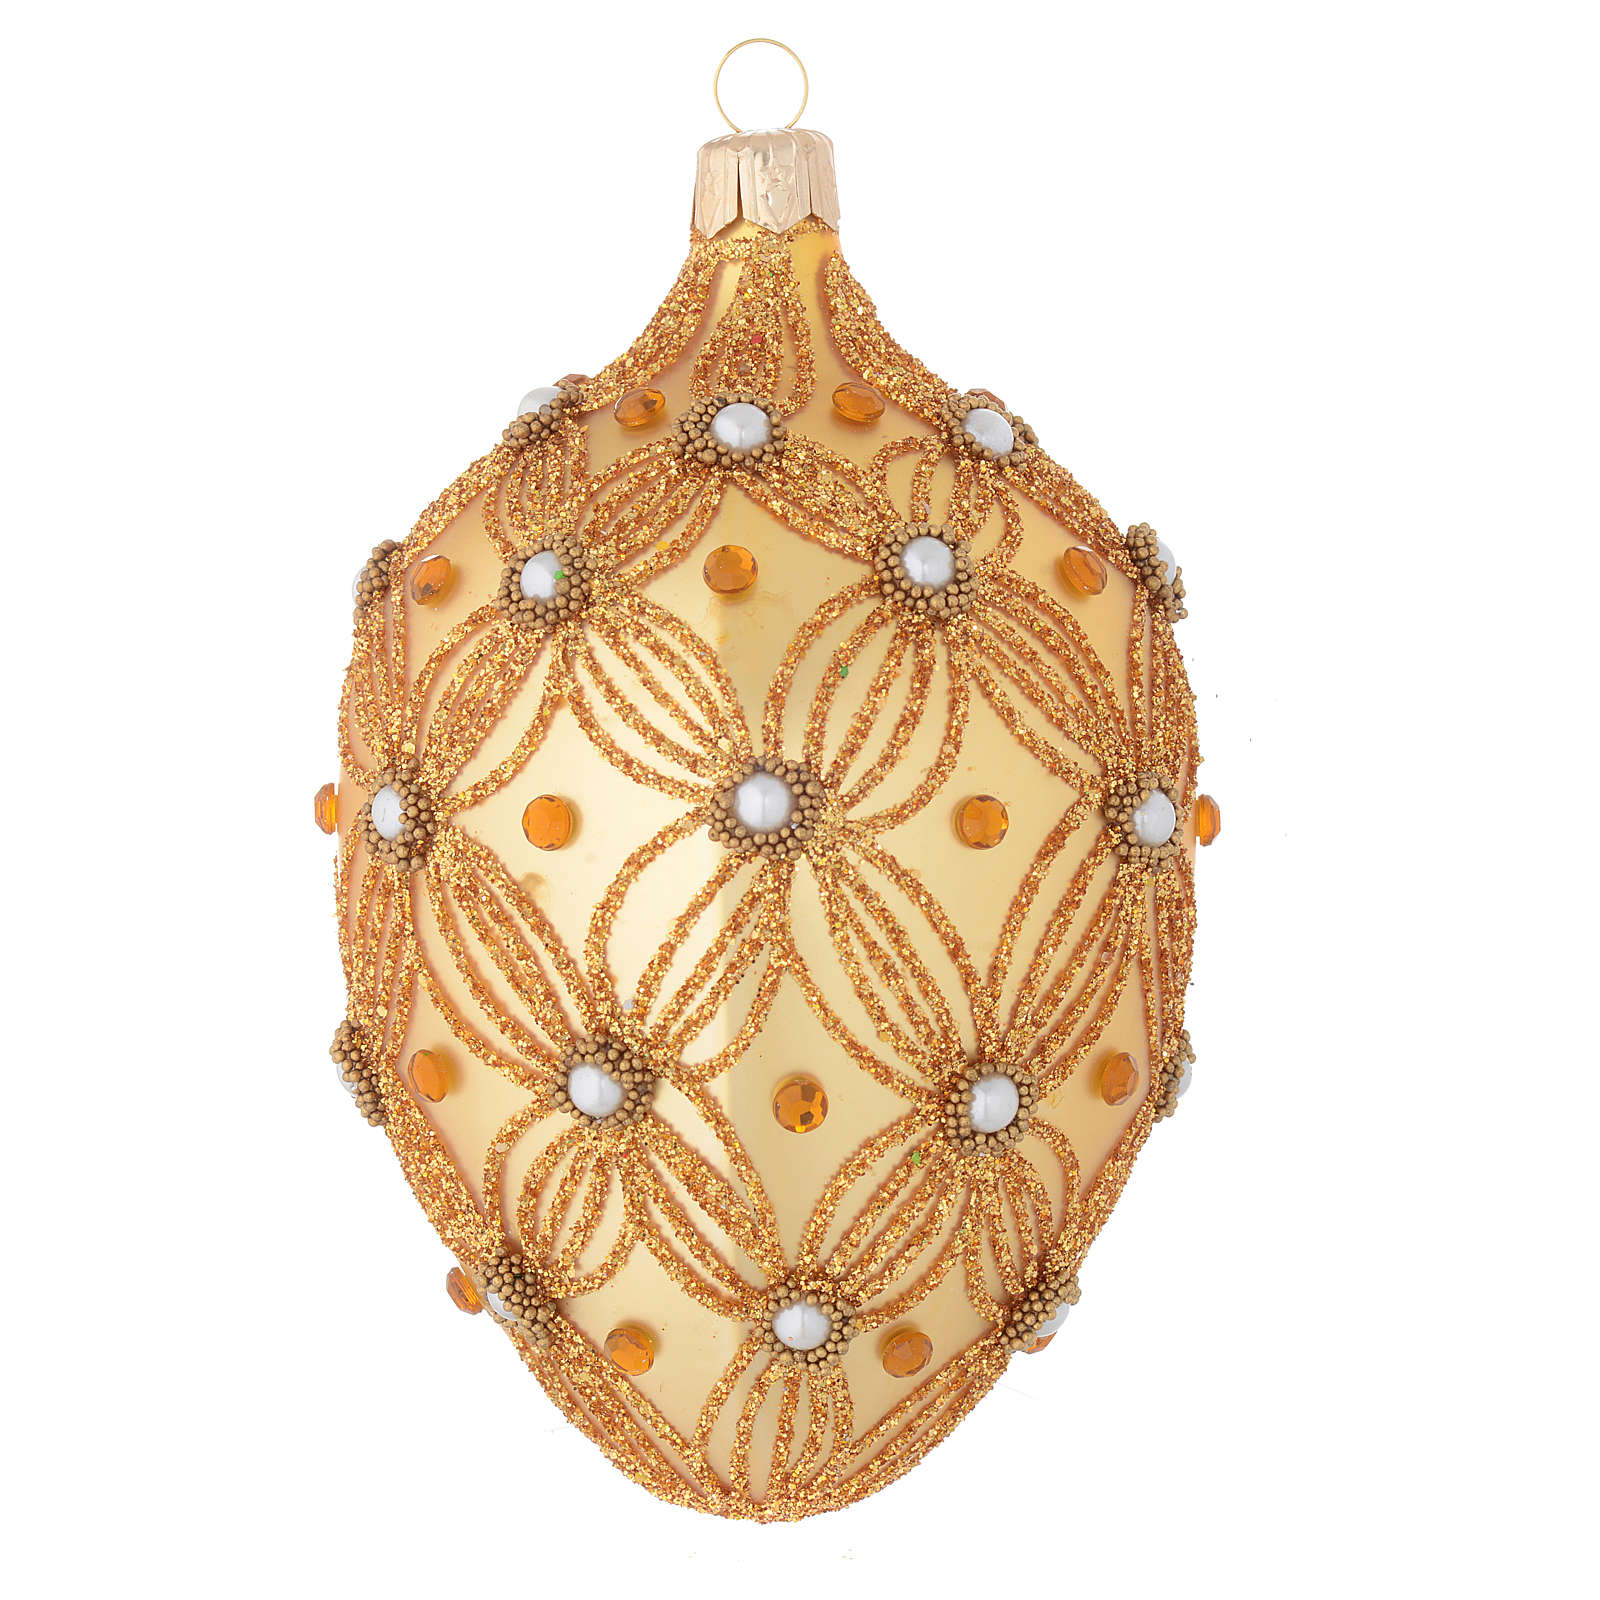 Bola de Navidad oval oro decoración en relieve 130 mm 4